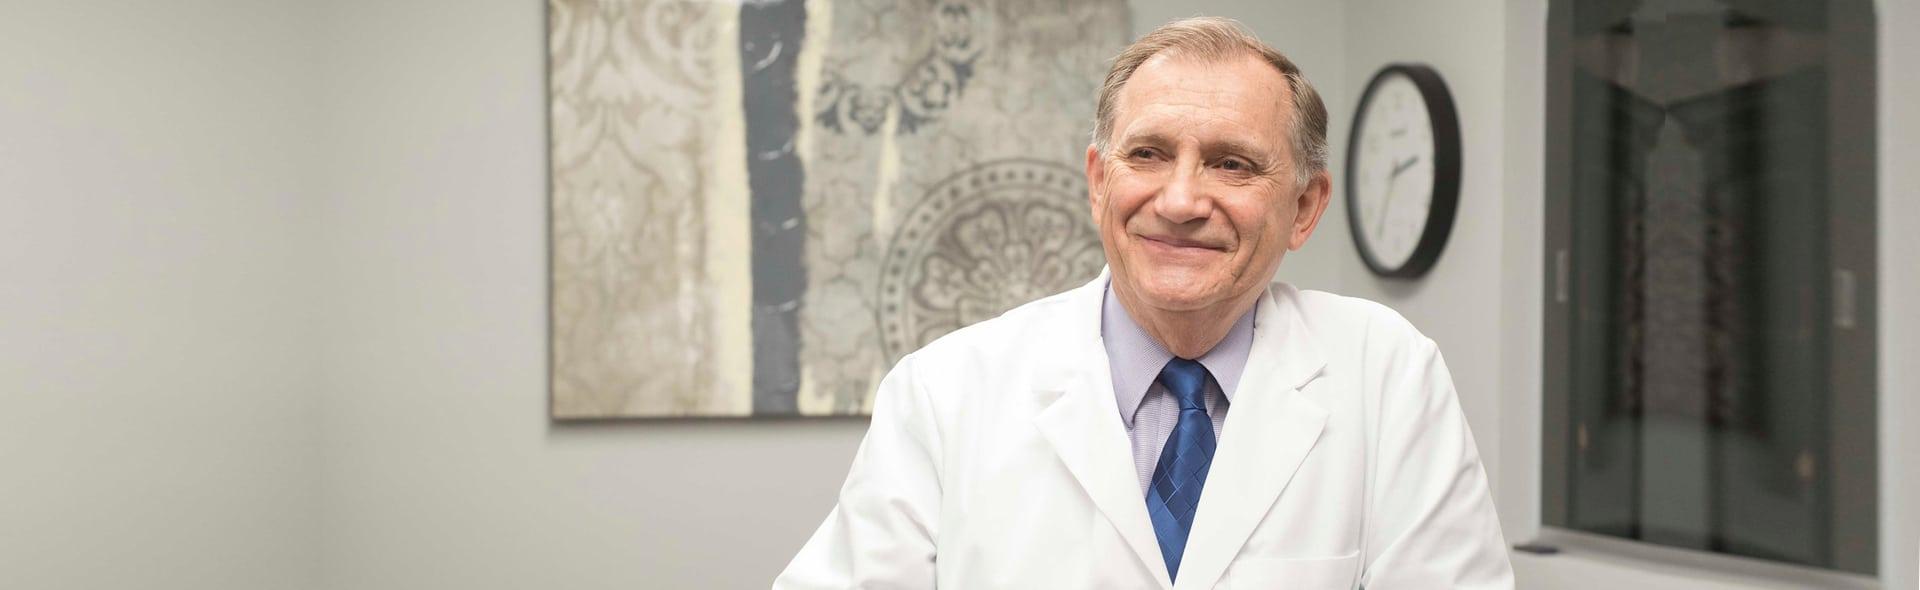 Dr. S. Burton Ross, DDS